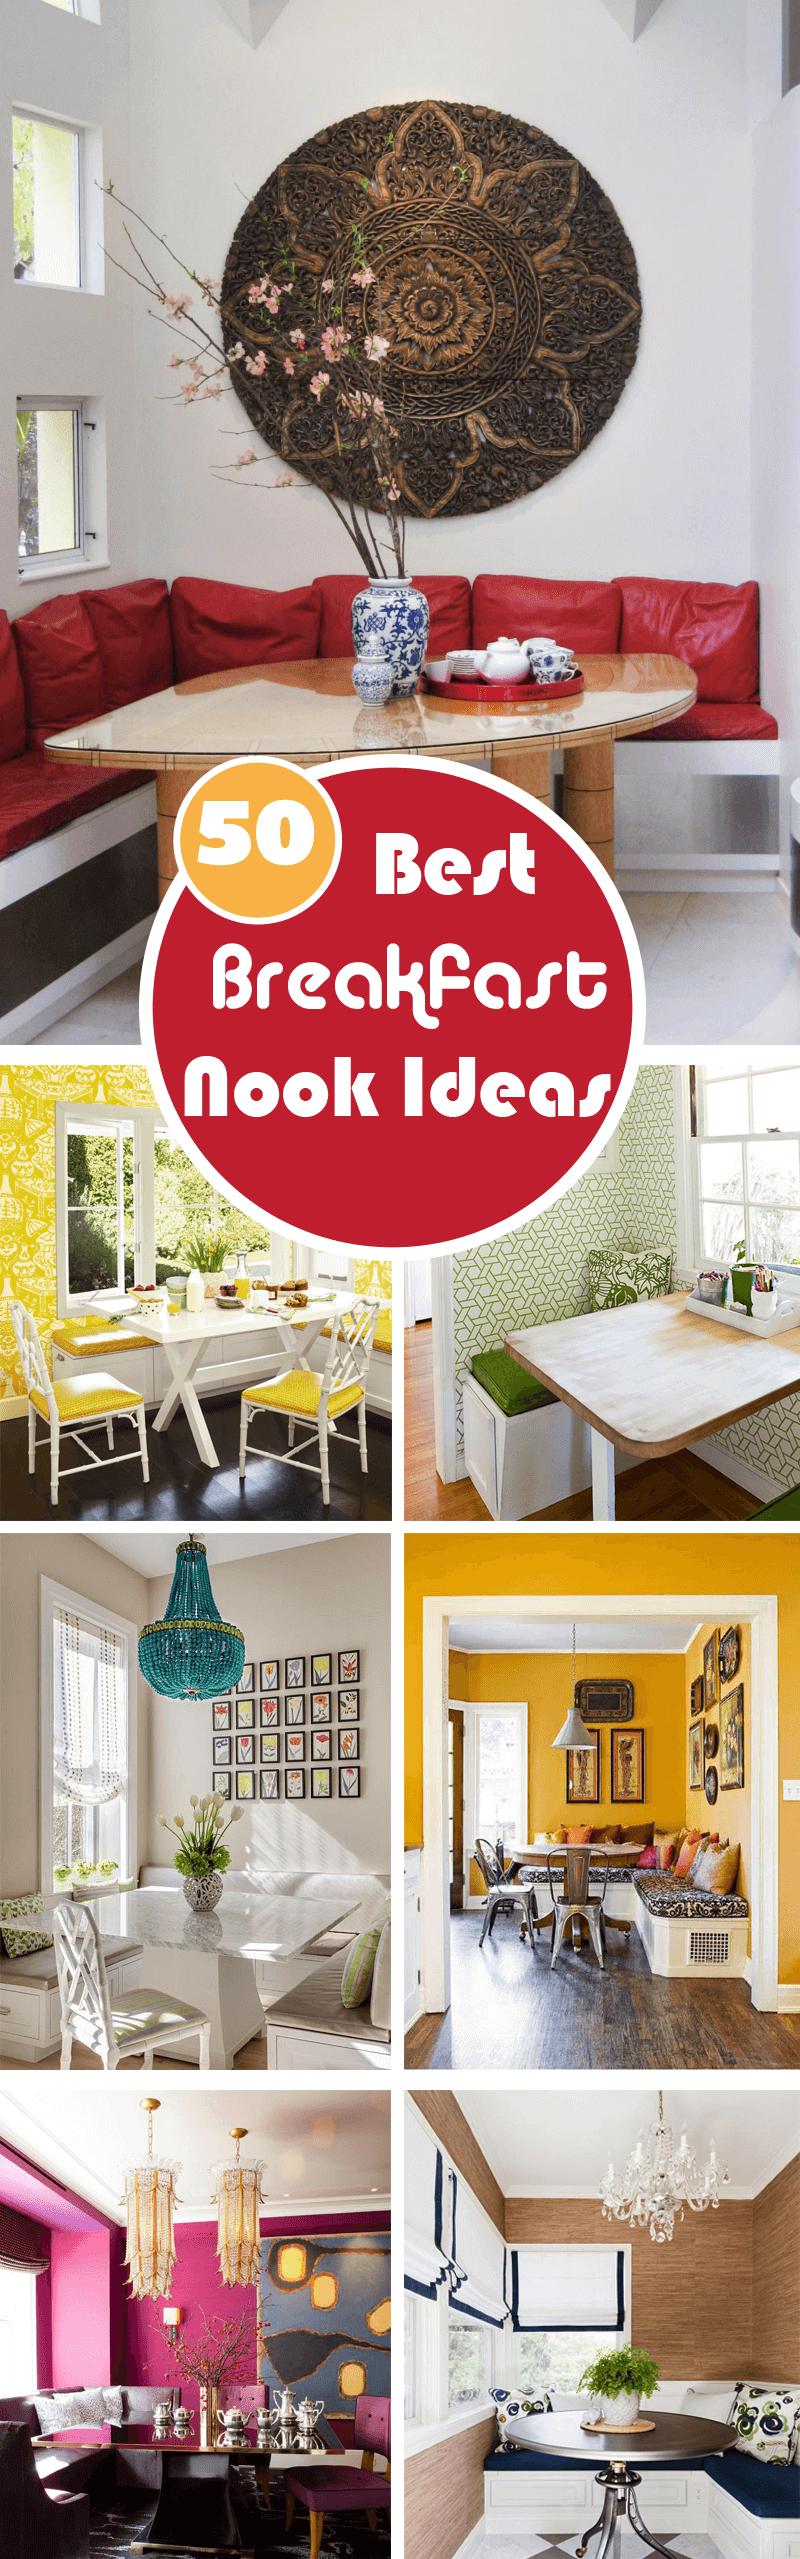 breakfast nook ideas